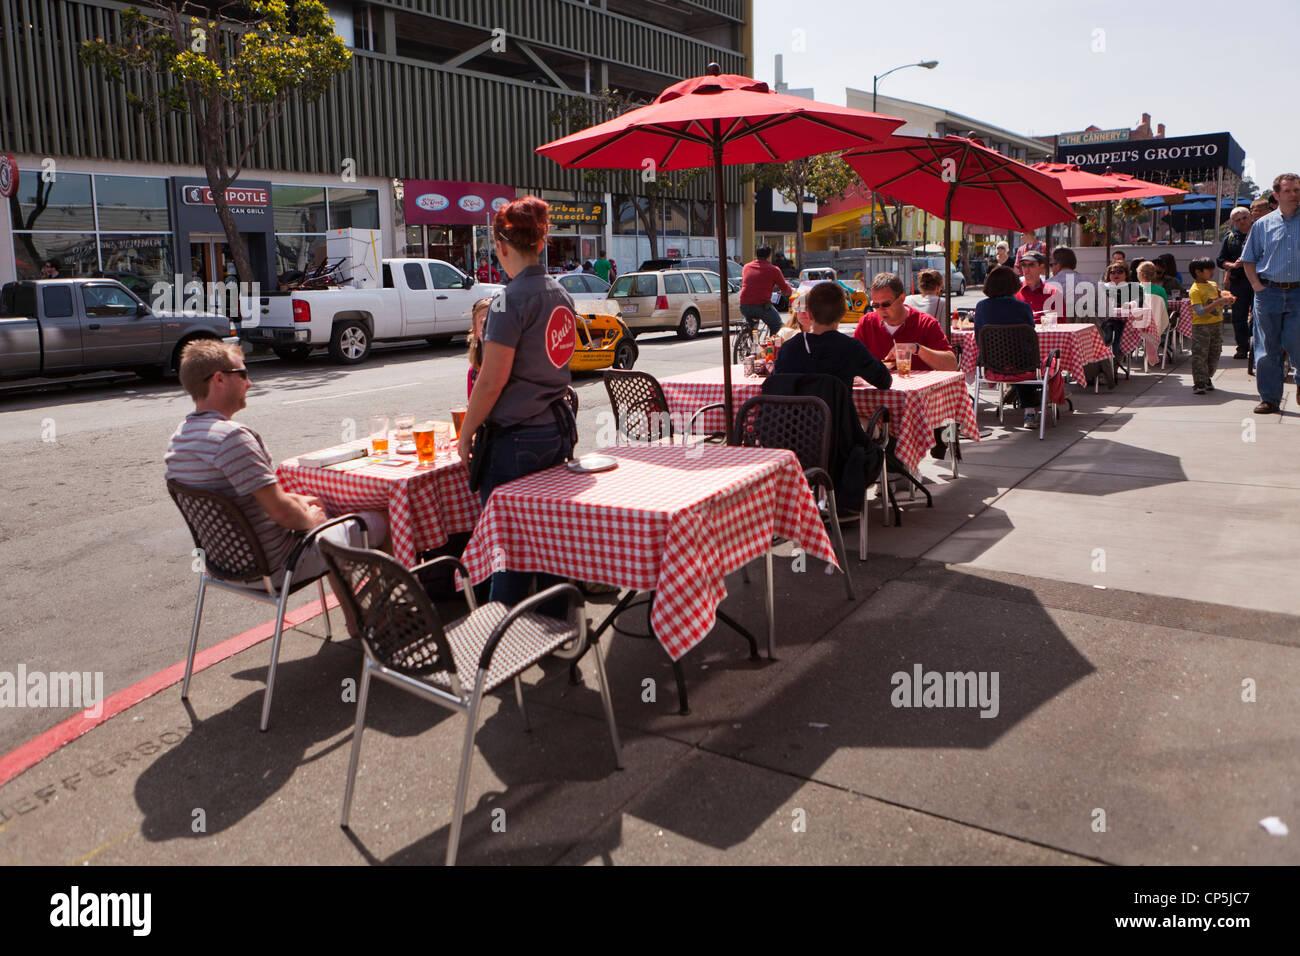 Restauranttische auf dem Bürgersteig Stockbild